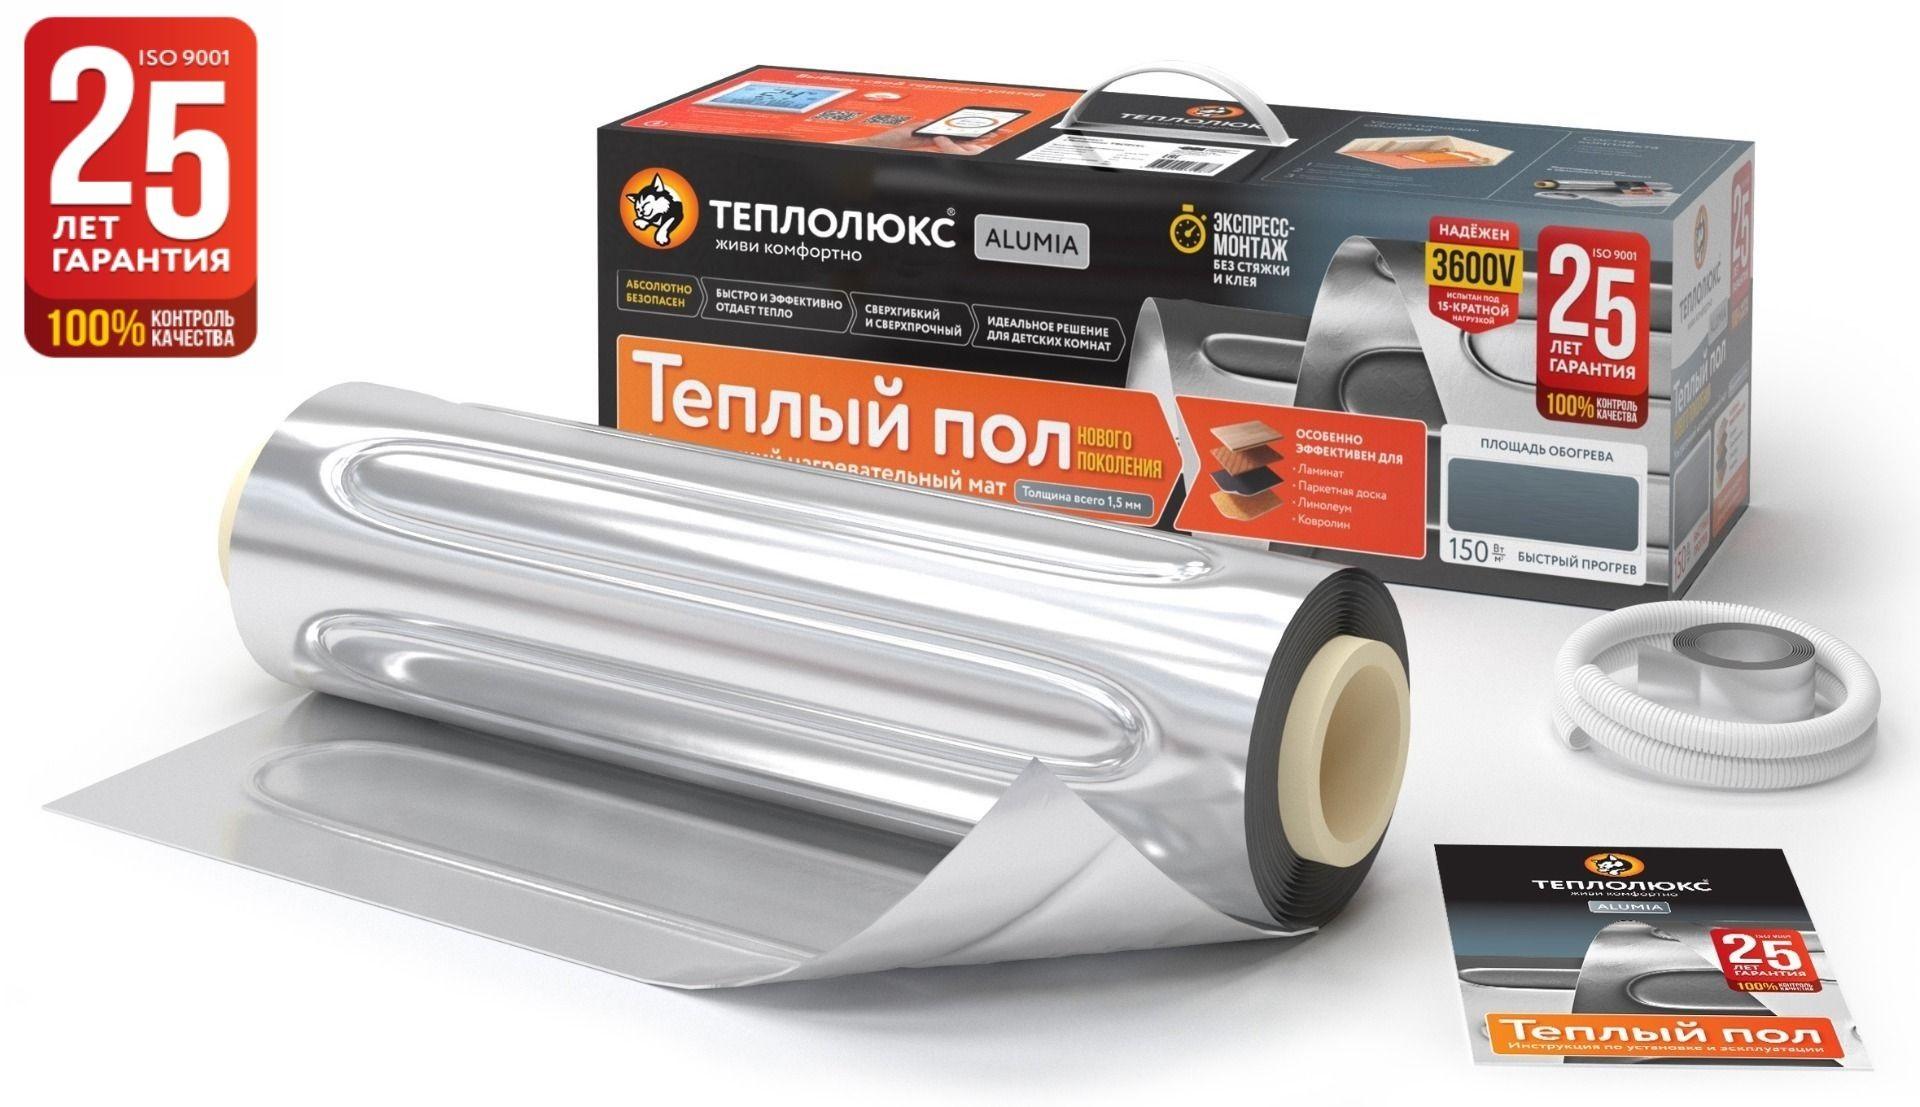 Нагревательный мат Теплолюкс Alumia 375 Вт/2,5 кв.м 2206807